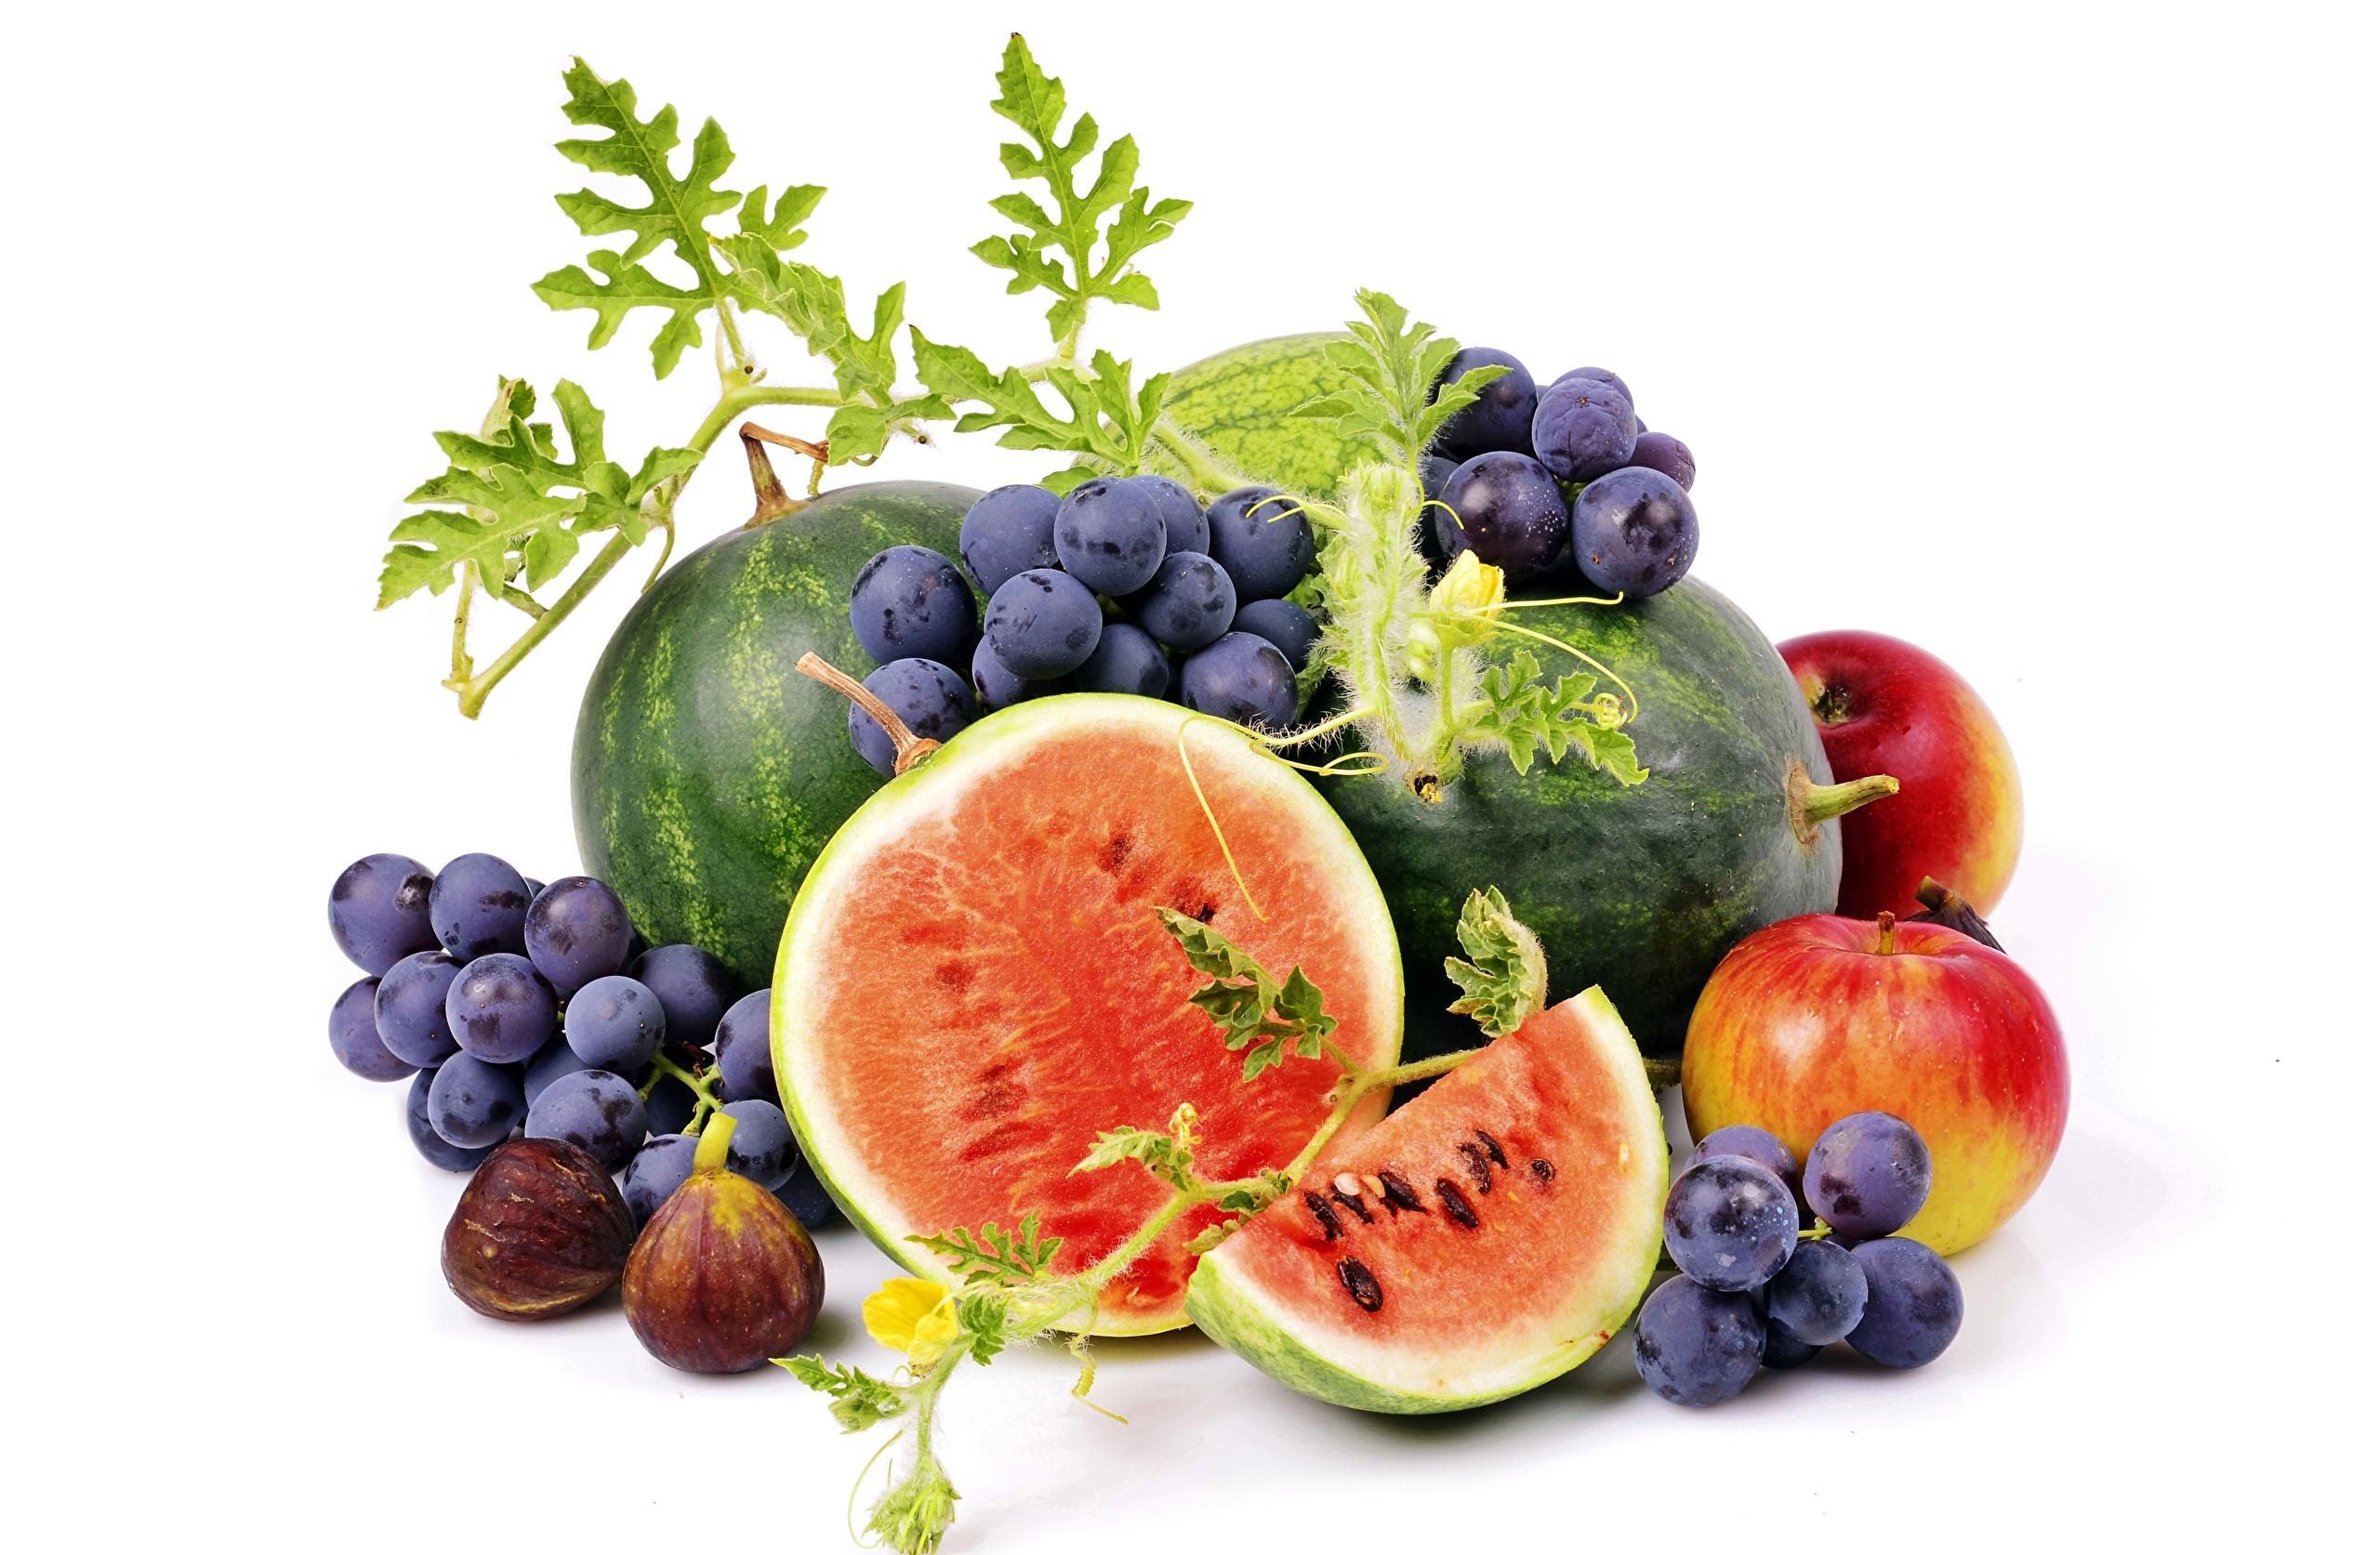 Еда фрукты корзина яблоки арбуз Food fruit basket apples watermelon загрузить